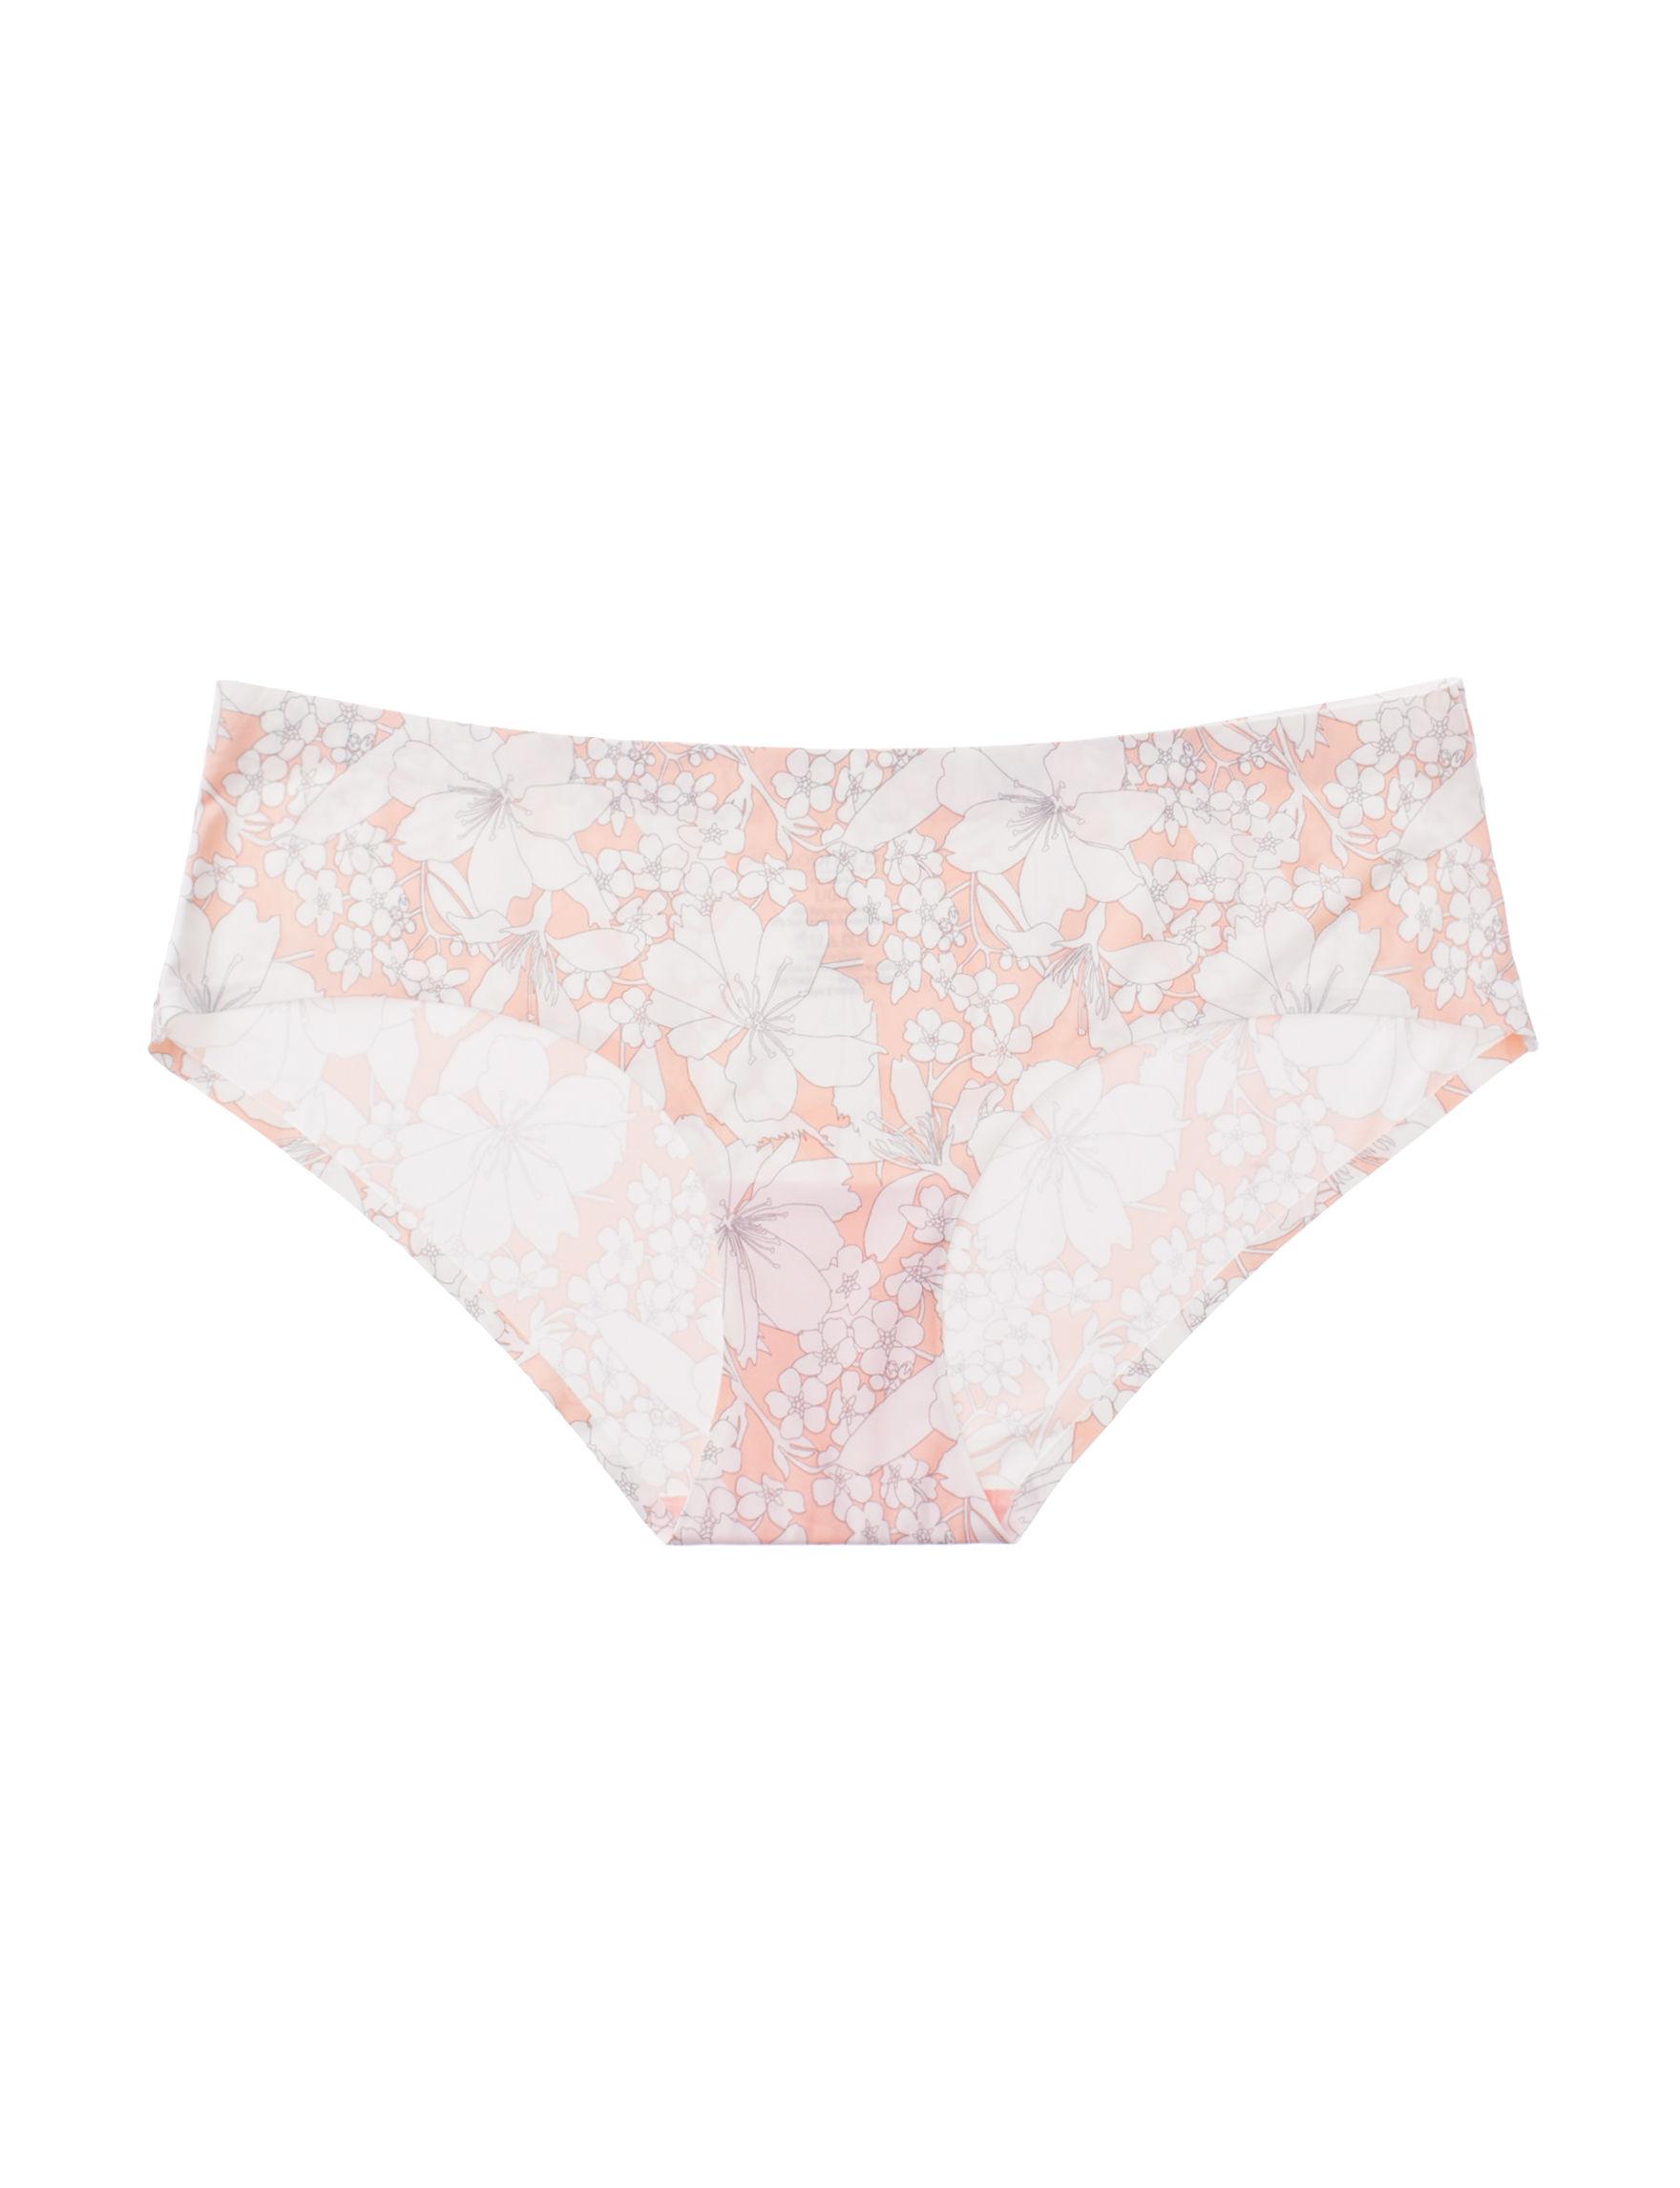 Sophie B Peach Floral Panties Hipster